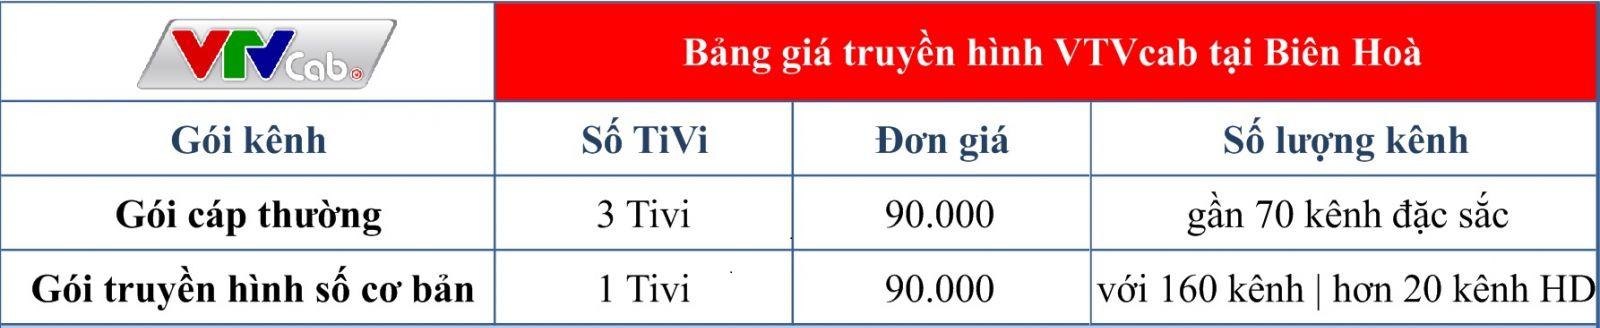 Lắp Đặt Truyền hình cáp Việt Nam VTVcab HD tại Biên Hòa